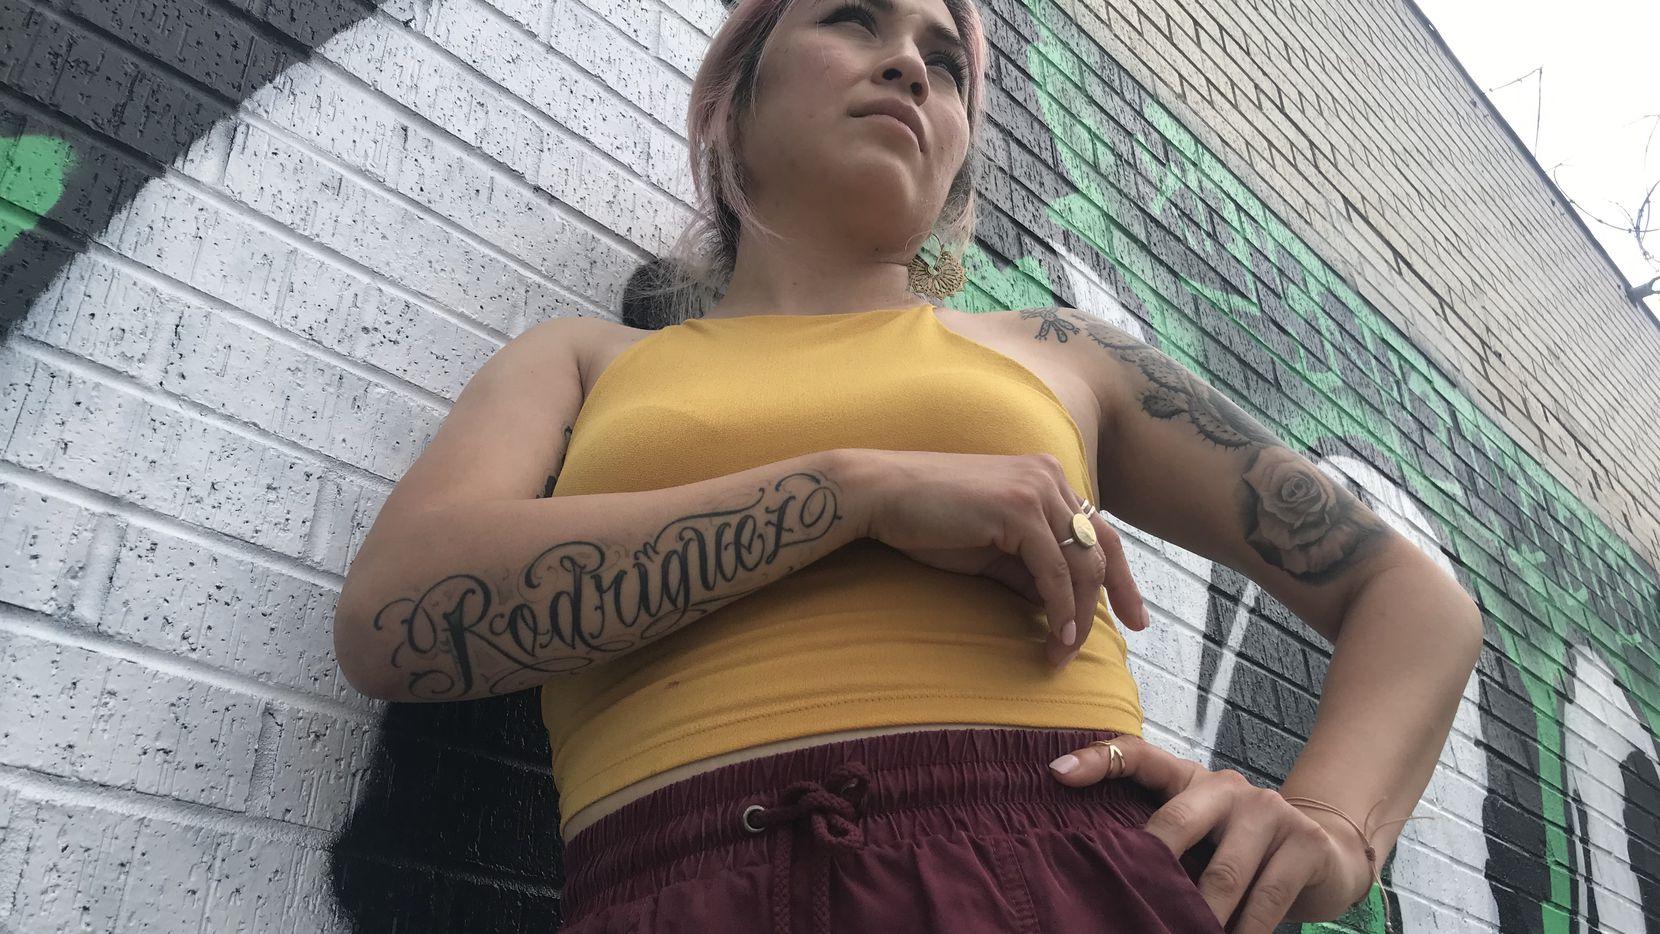 Betty Rodríguez, de 31 años de edad, se tatuó su apellido, y nopales, rosas y un gallo que le recuerdan sus visitas a Zacatecas cuando era niña.